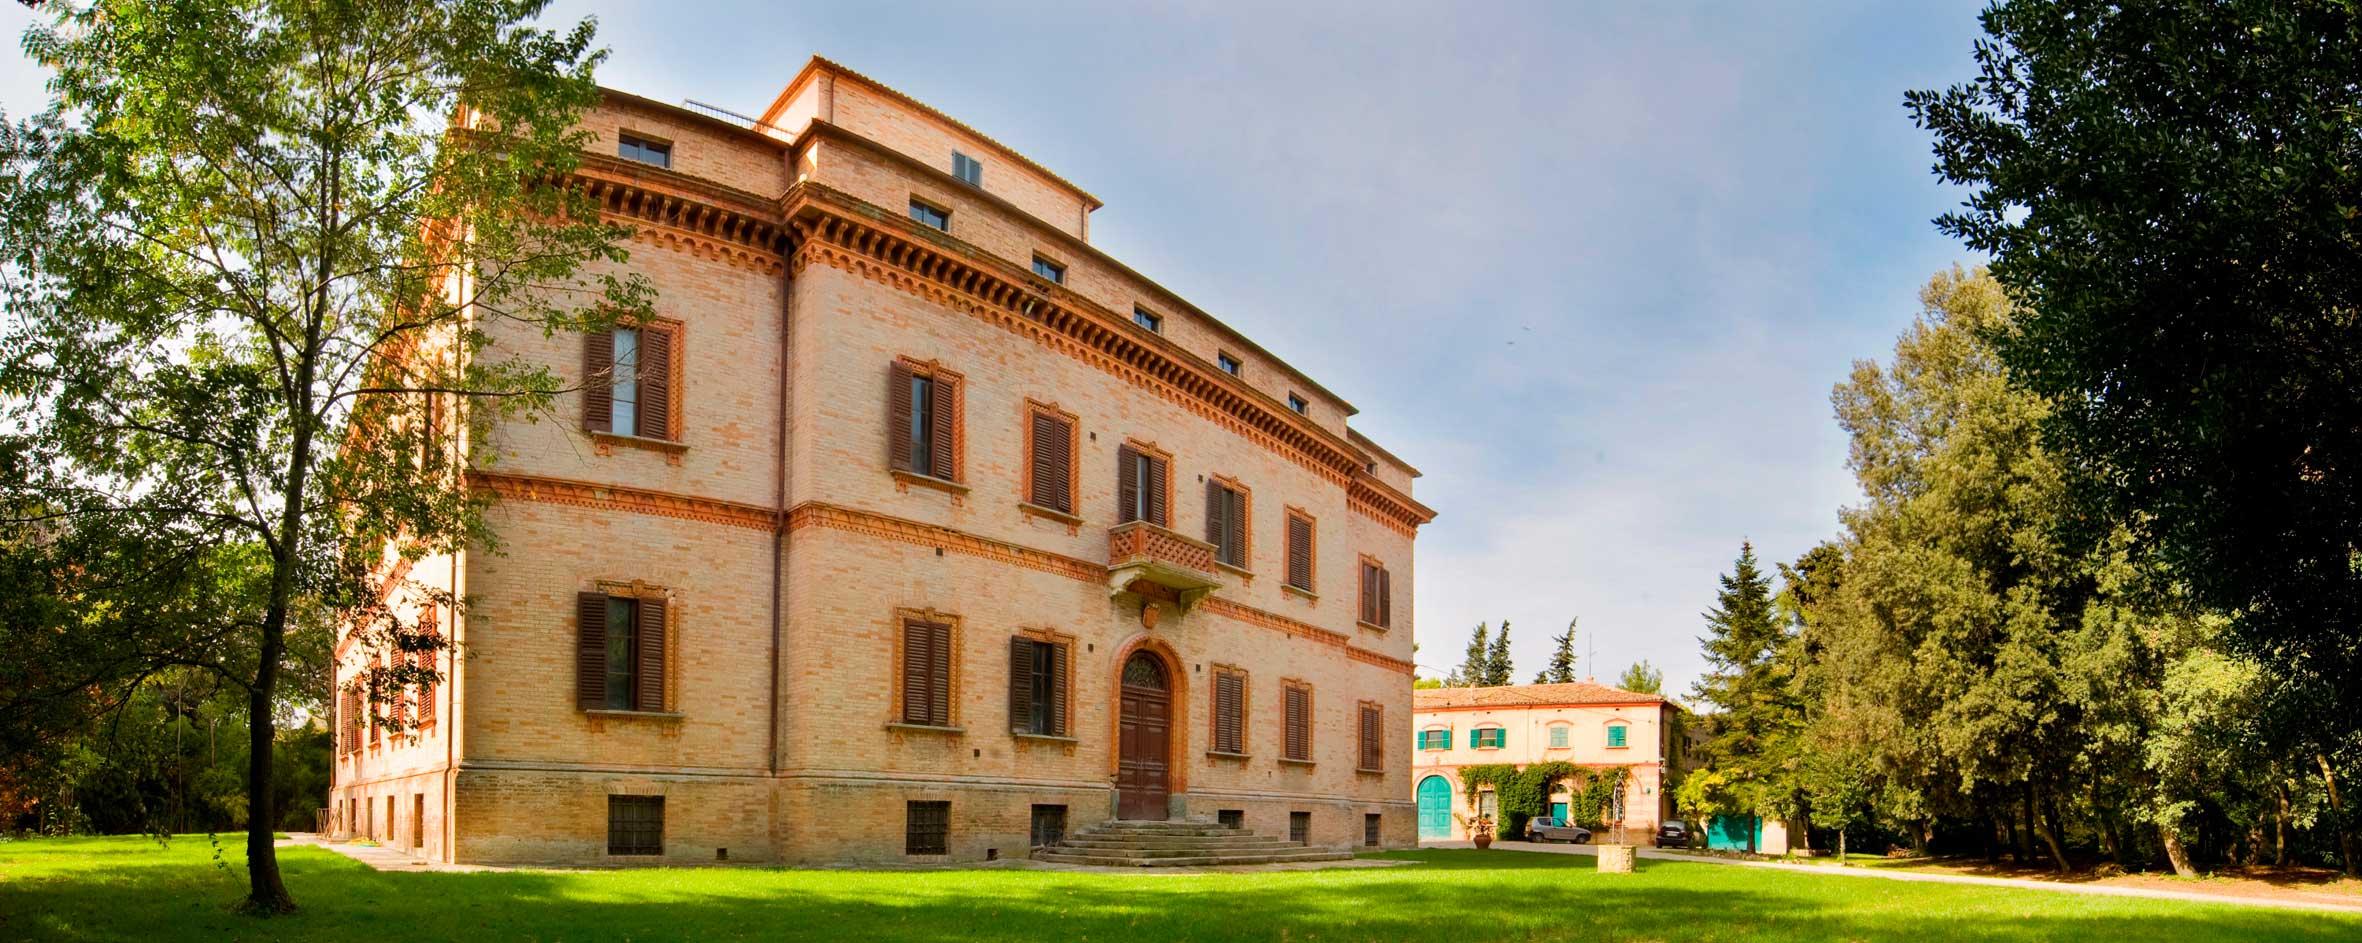 Villa-Sant-Amico